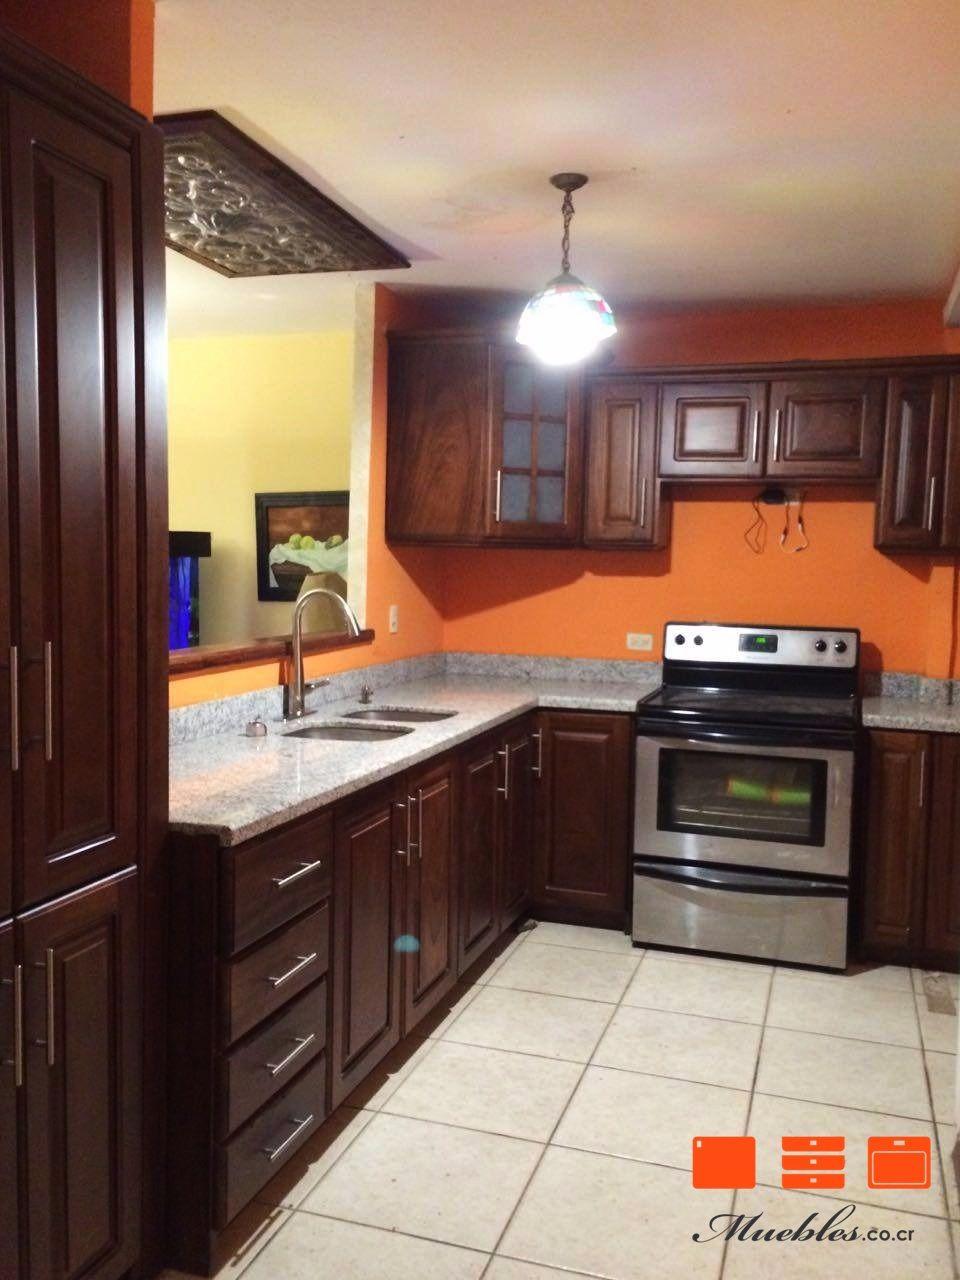 Mueble De Cocina Con Cocina Pileta Y Refrogerador Empotrados  # Muebles Fijos Especificaciones